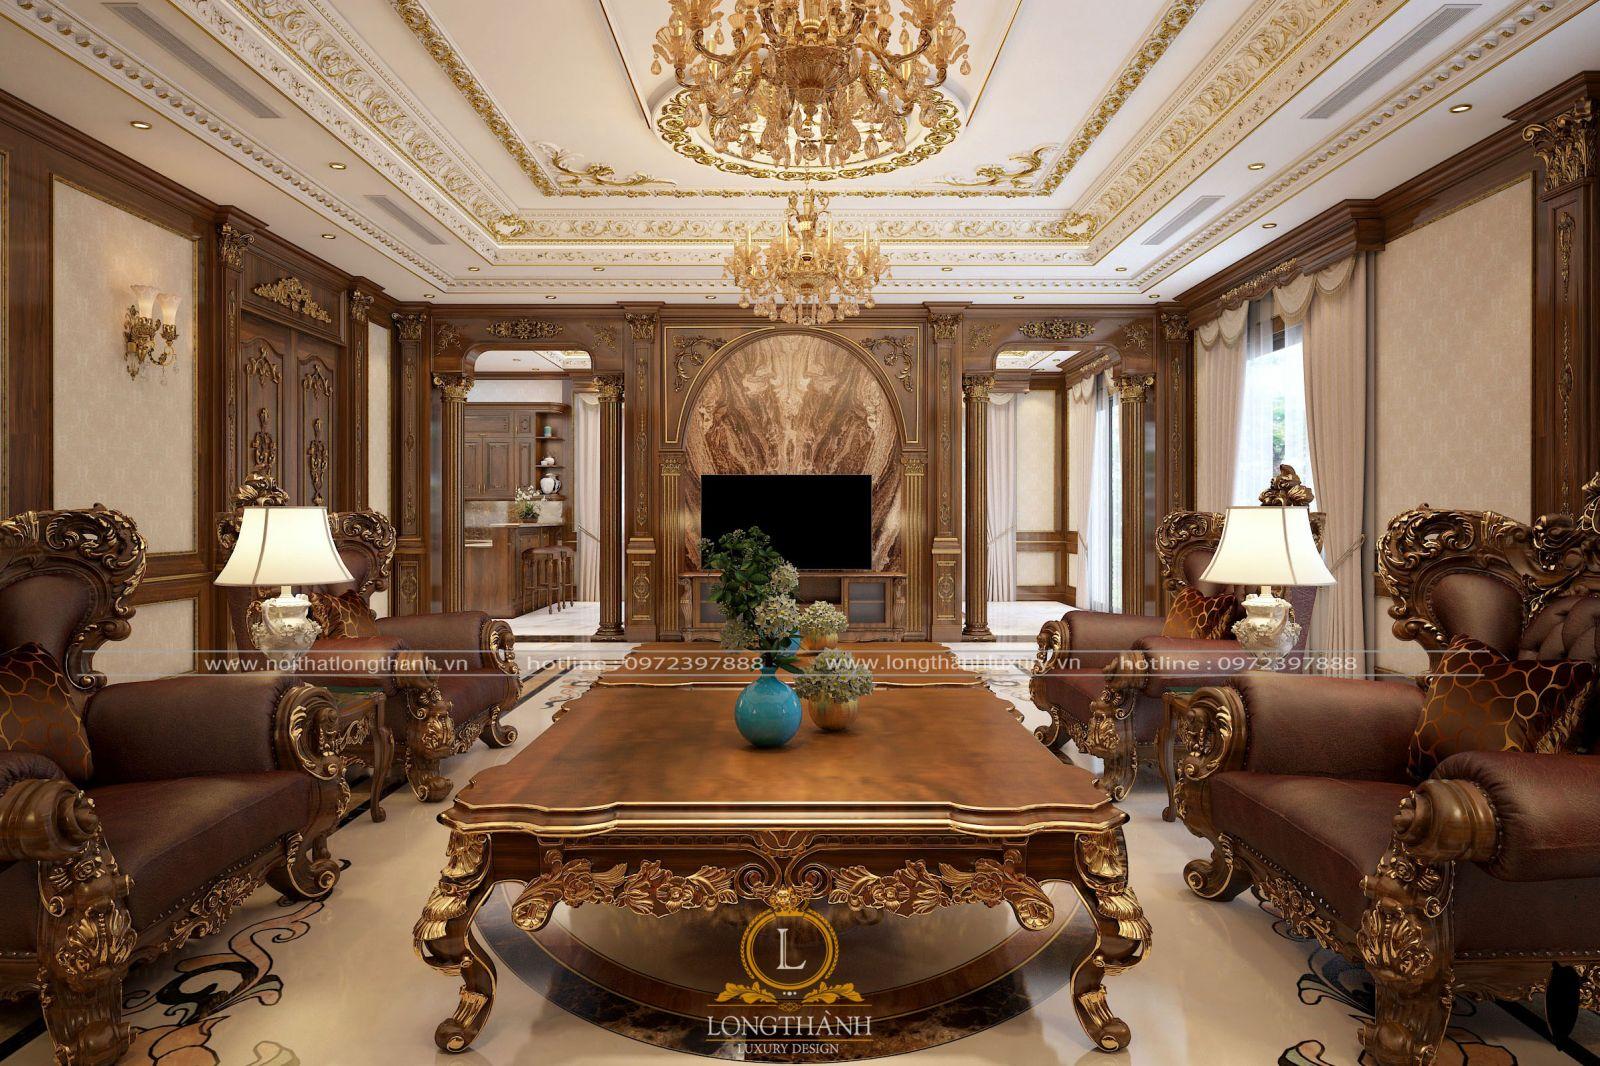 Một phòng khách biệt thự đẹp với những vật liệu cao cấp